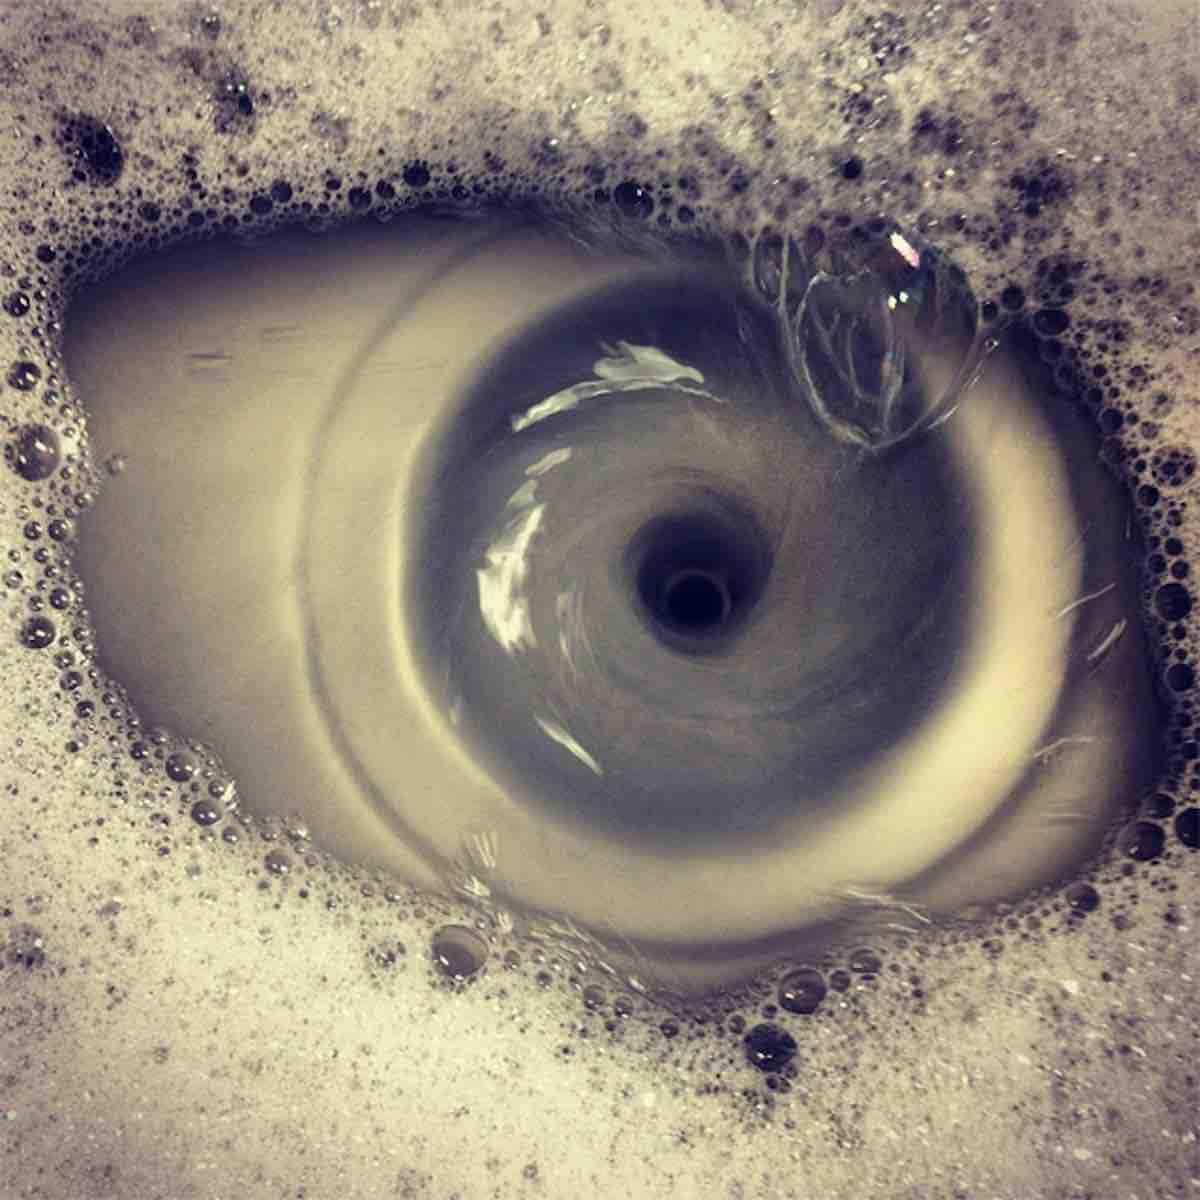 test occhio illusione